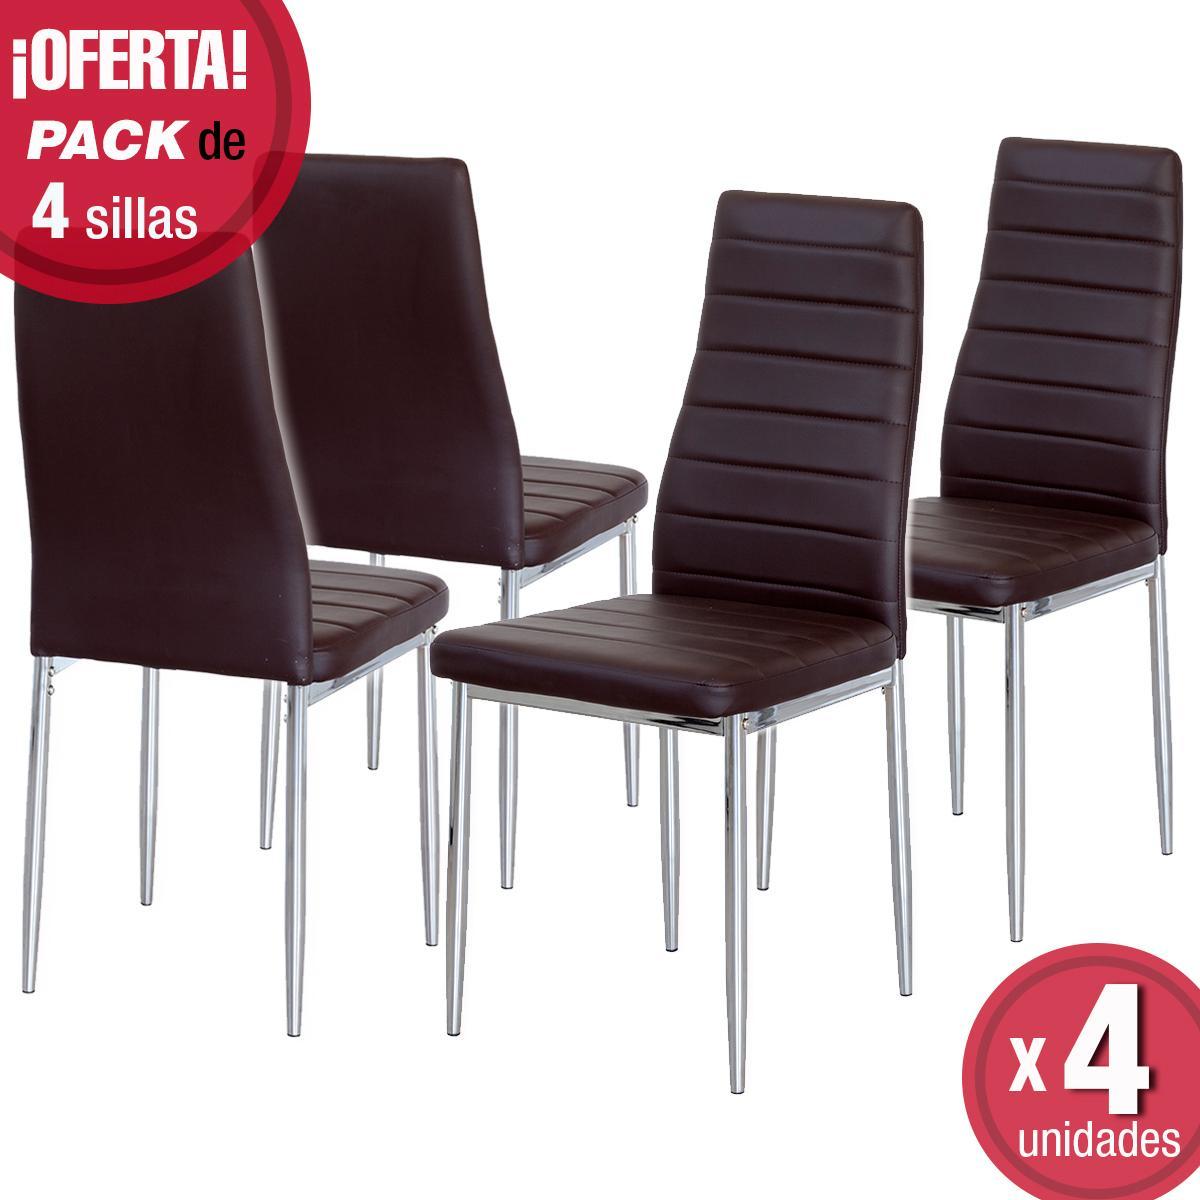 Pack de 4 sillas de comedor b sica tapizada polipiel y for Sillas cromadas para comedor